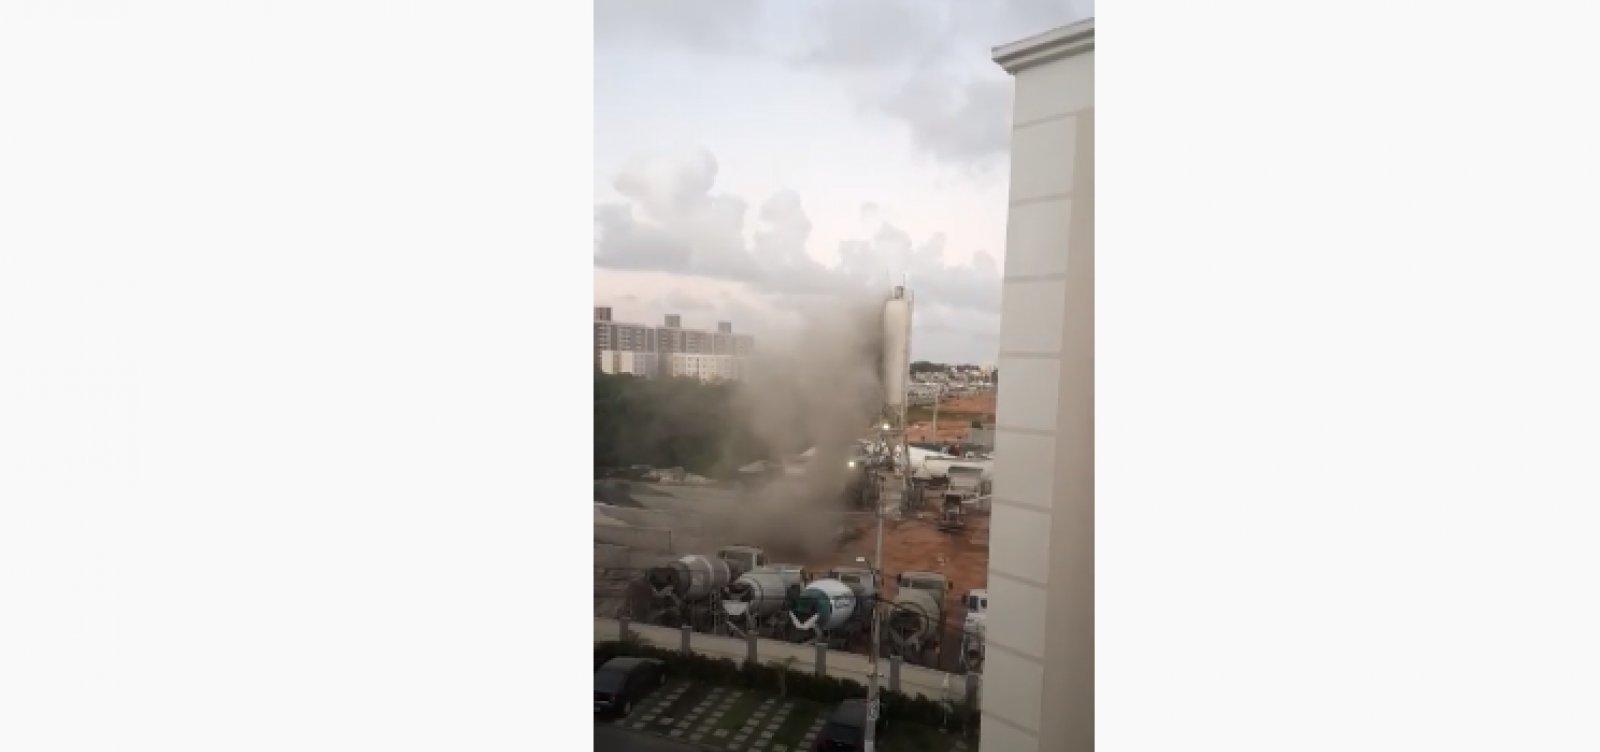 [Obra da MRV causa 'tempestade de cimento' em Lauro de Freitas; veja vídeo]